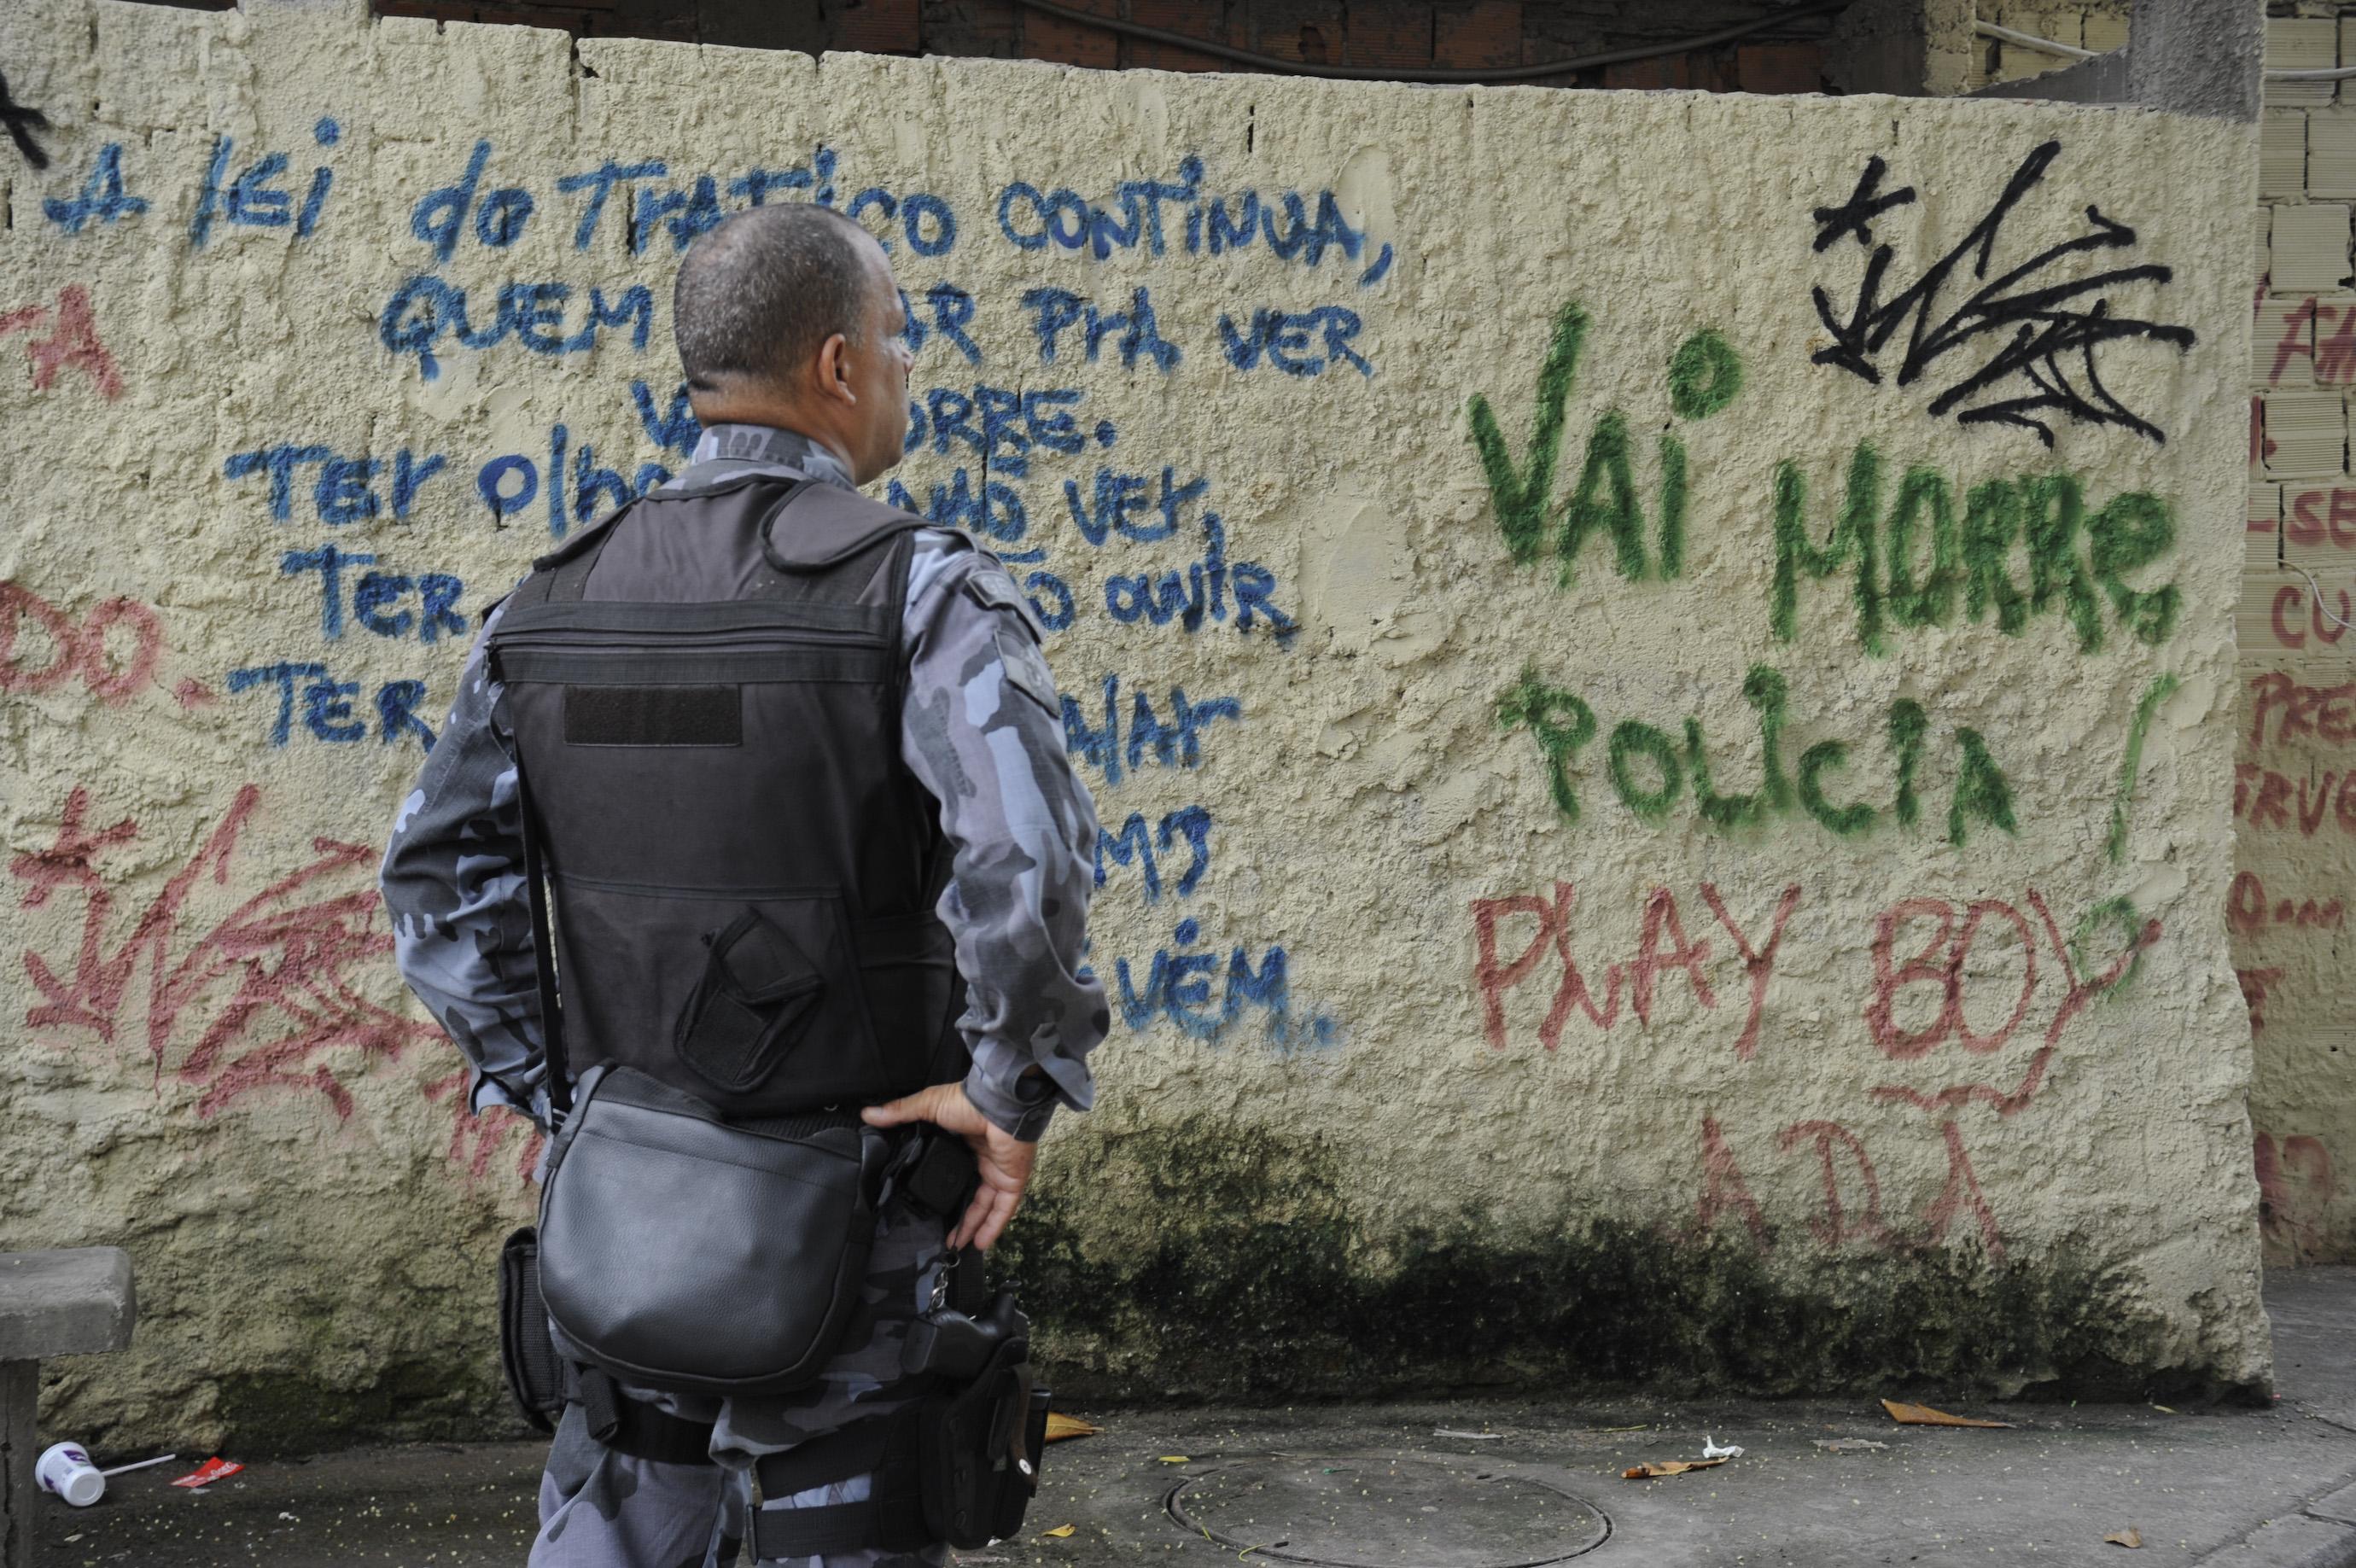 O que é educação no brasil